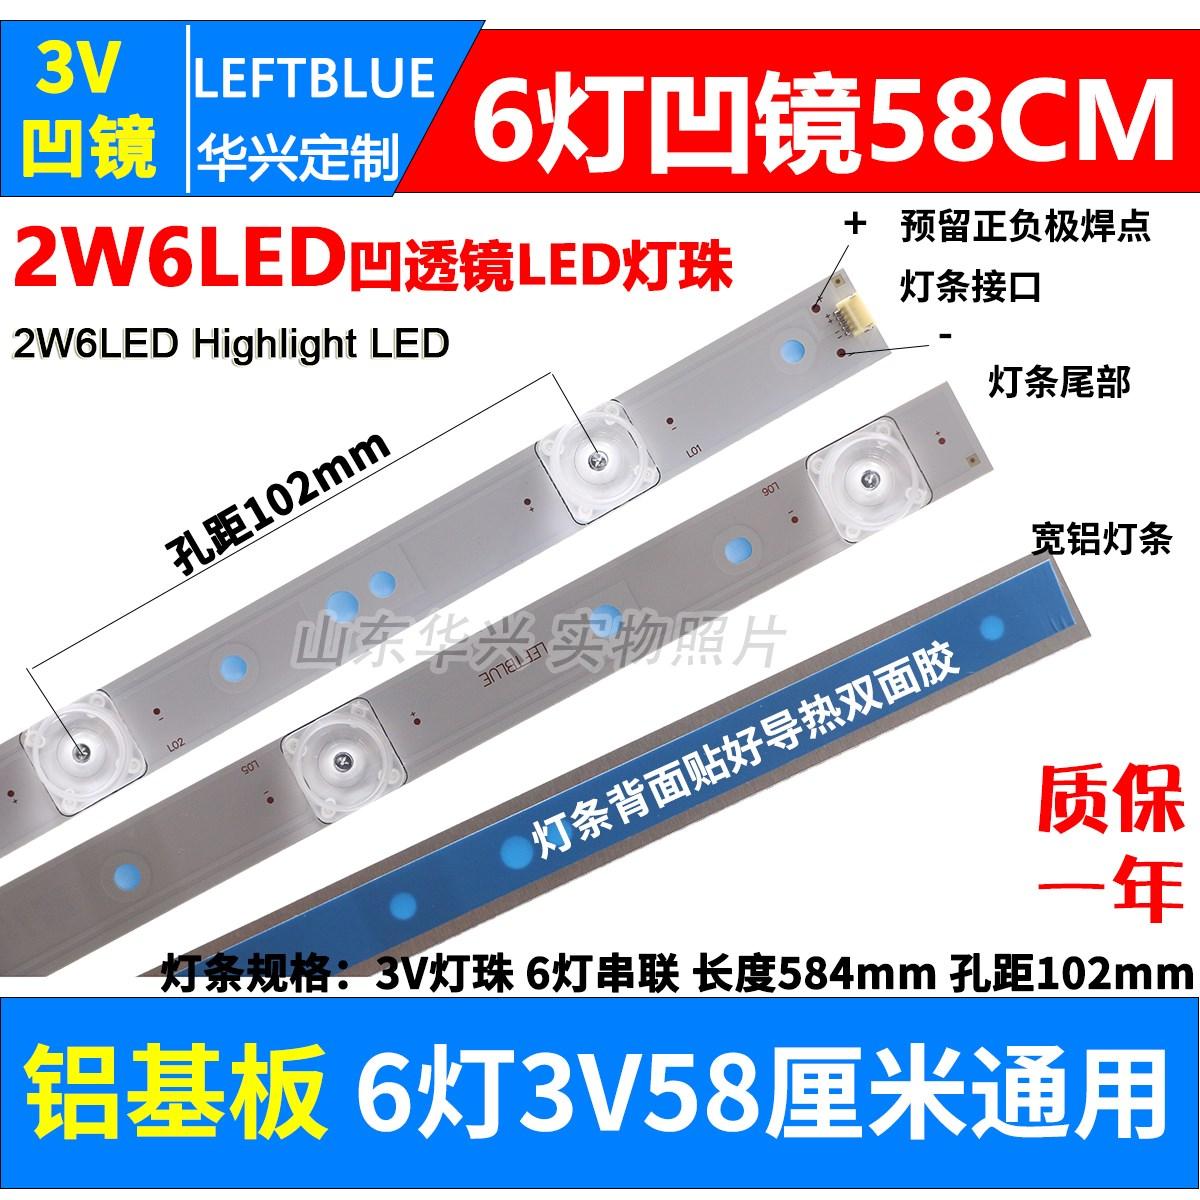 ,6灯3V 凹灯铝基板58cm凹镜灯条6灯珠32-55寸 led液晶电视背光灯